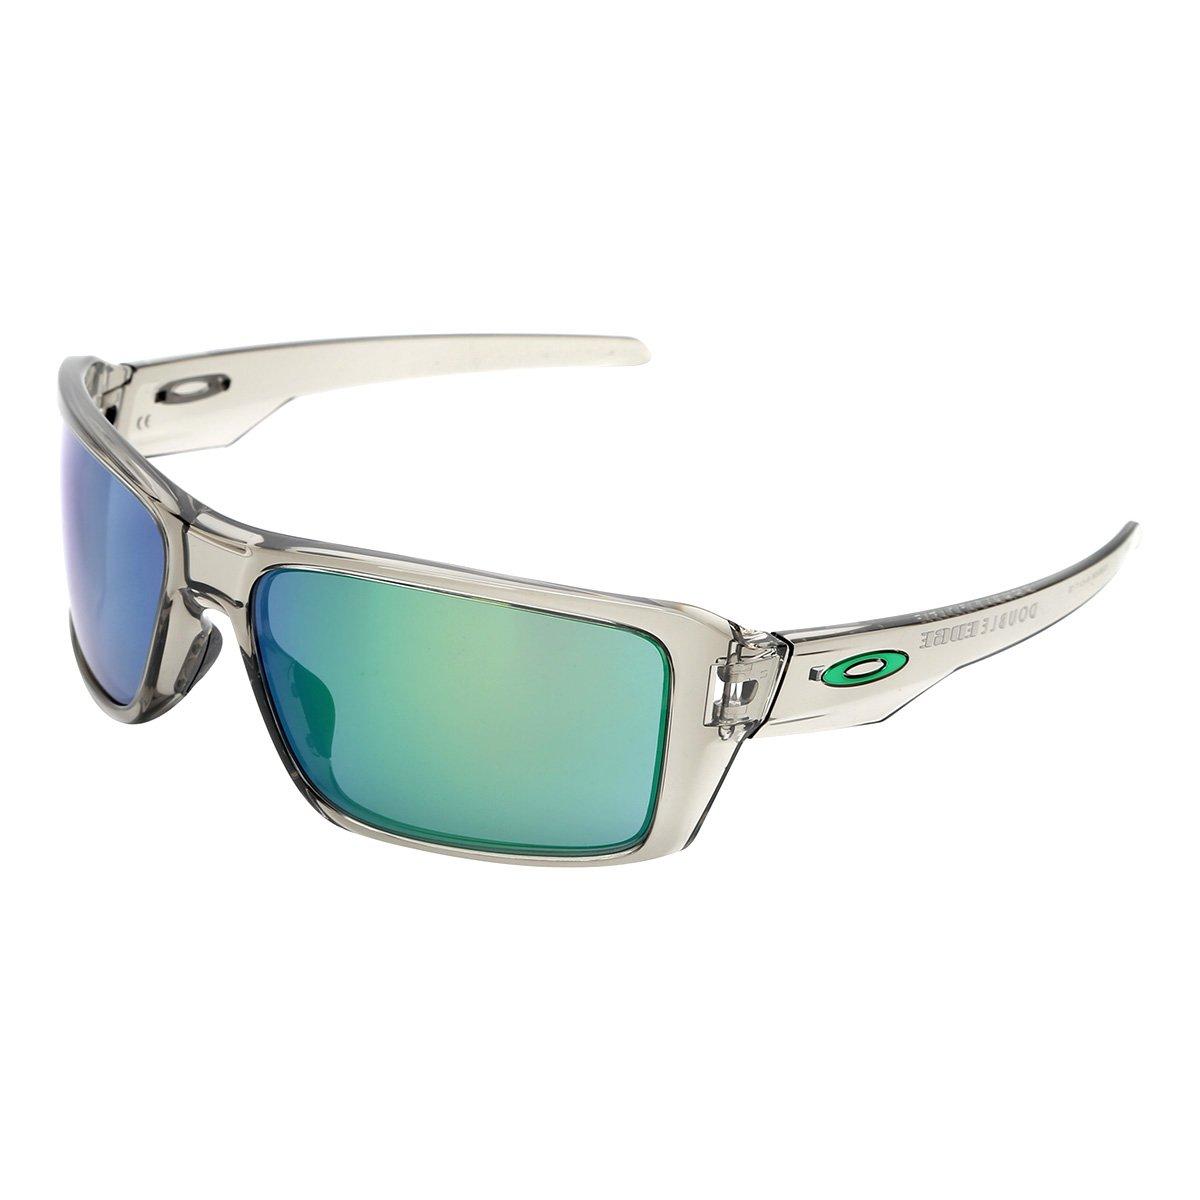 44e41f540bd15 Óculos de Sol Oakley Double Edge Masculino - Compre Agora